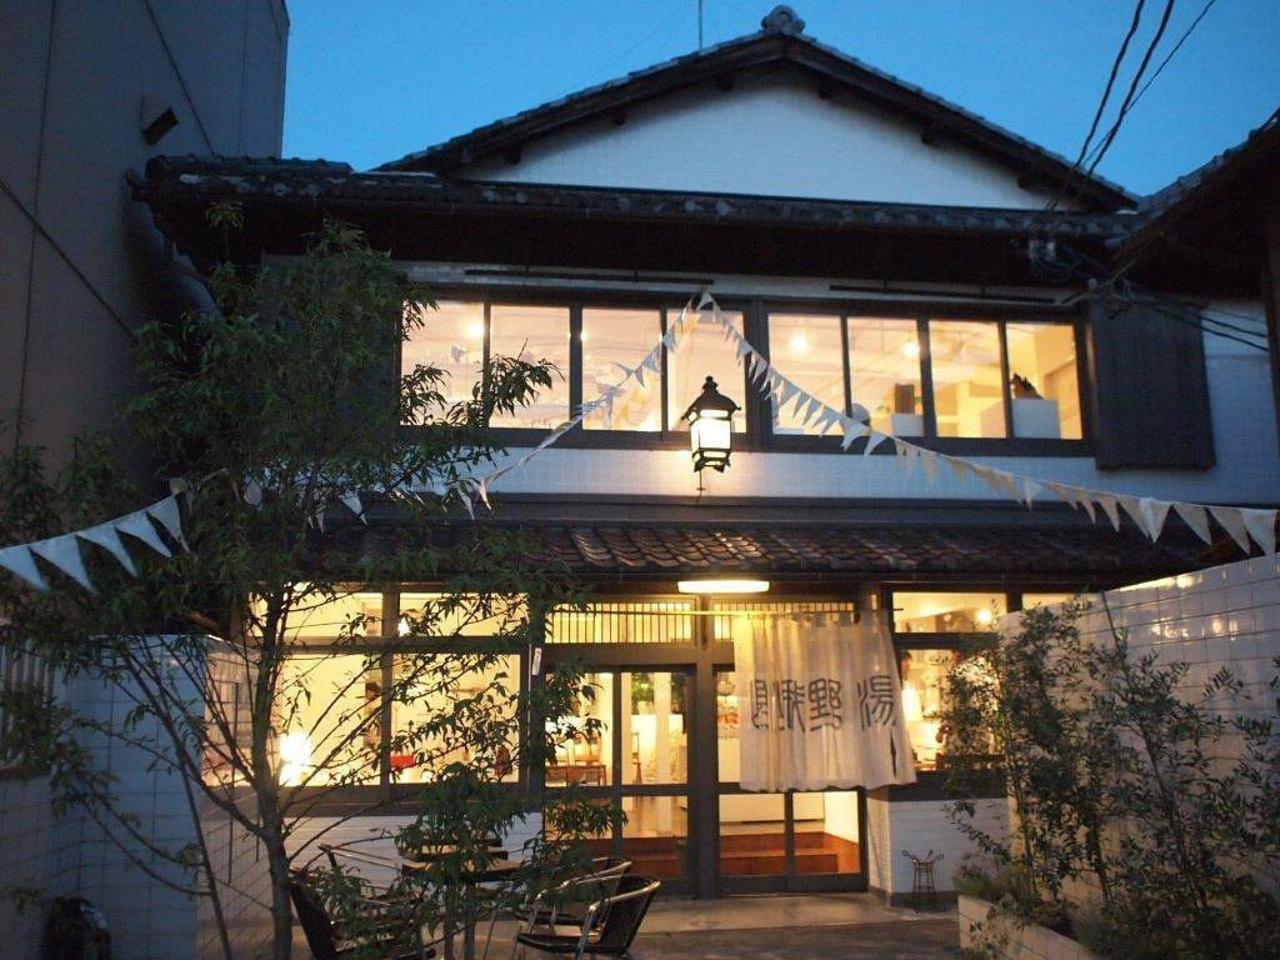 銭湯を改装したカフェ...京都市右京区嵯峨天龍寺今堀町の『嵯峨野湯』